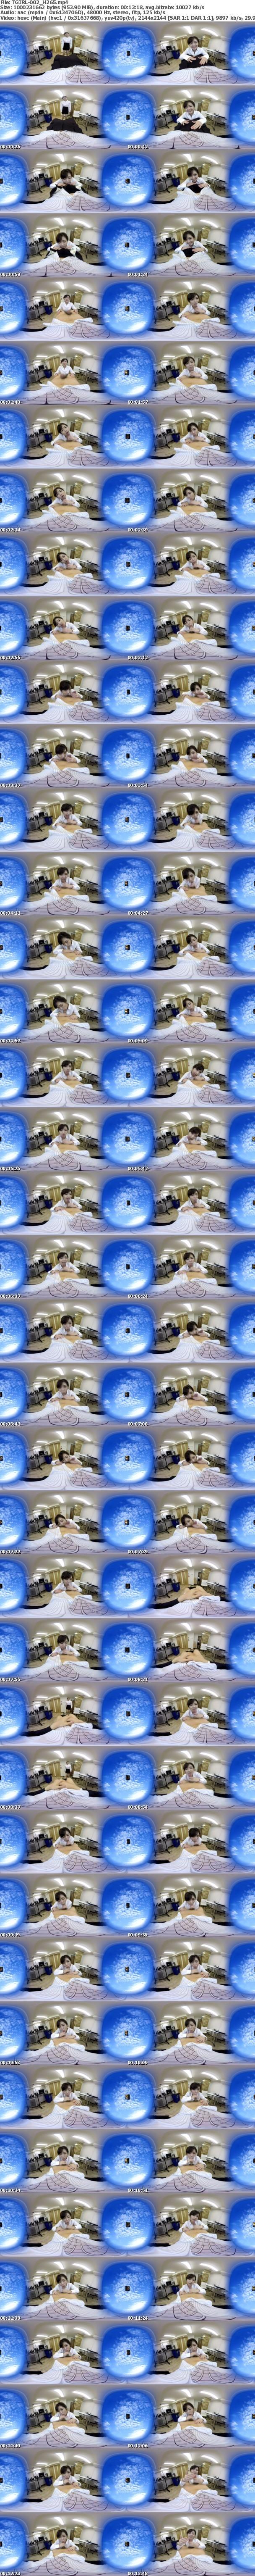 VR/3D TGIRL-002 【VR】バレたらヤバい状況で挑発してくるドキドキ密着フェラチオ 青山はな